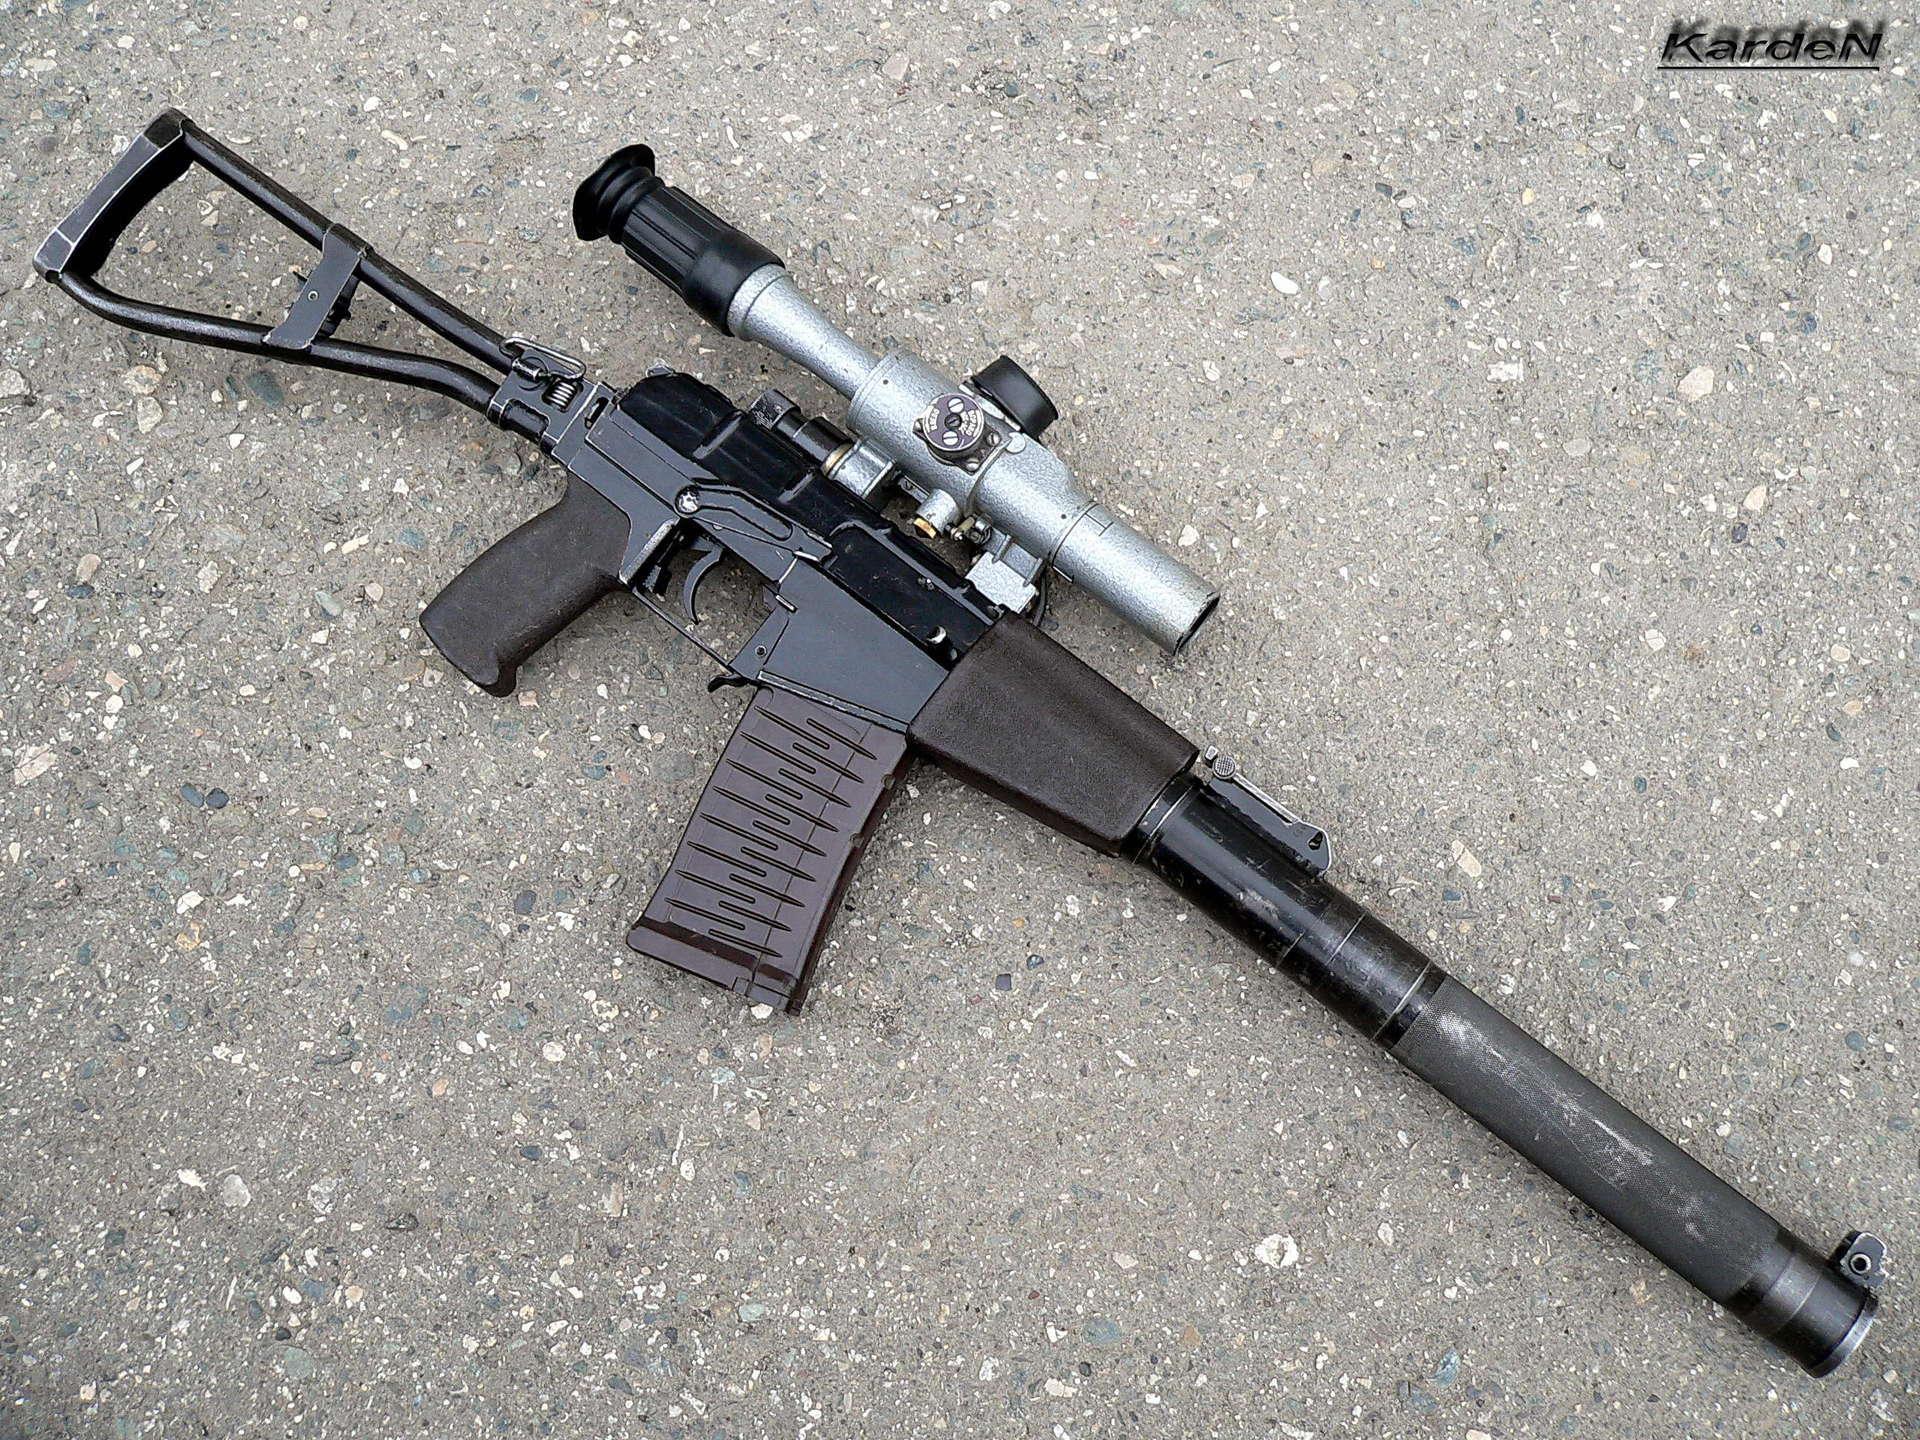 Pubg Gun Wallpapers Ots 14 Groza Weapons Machine Guns Assault Rifles Wallpaper